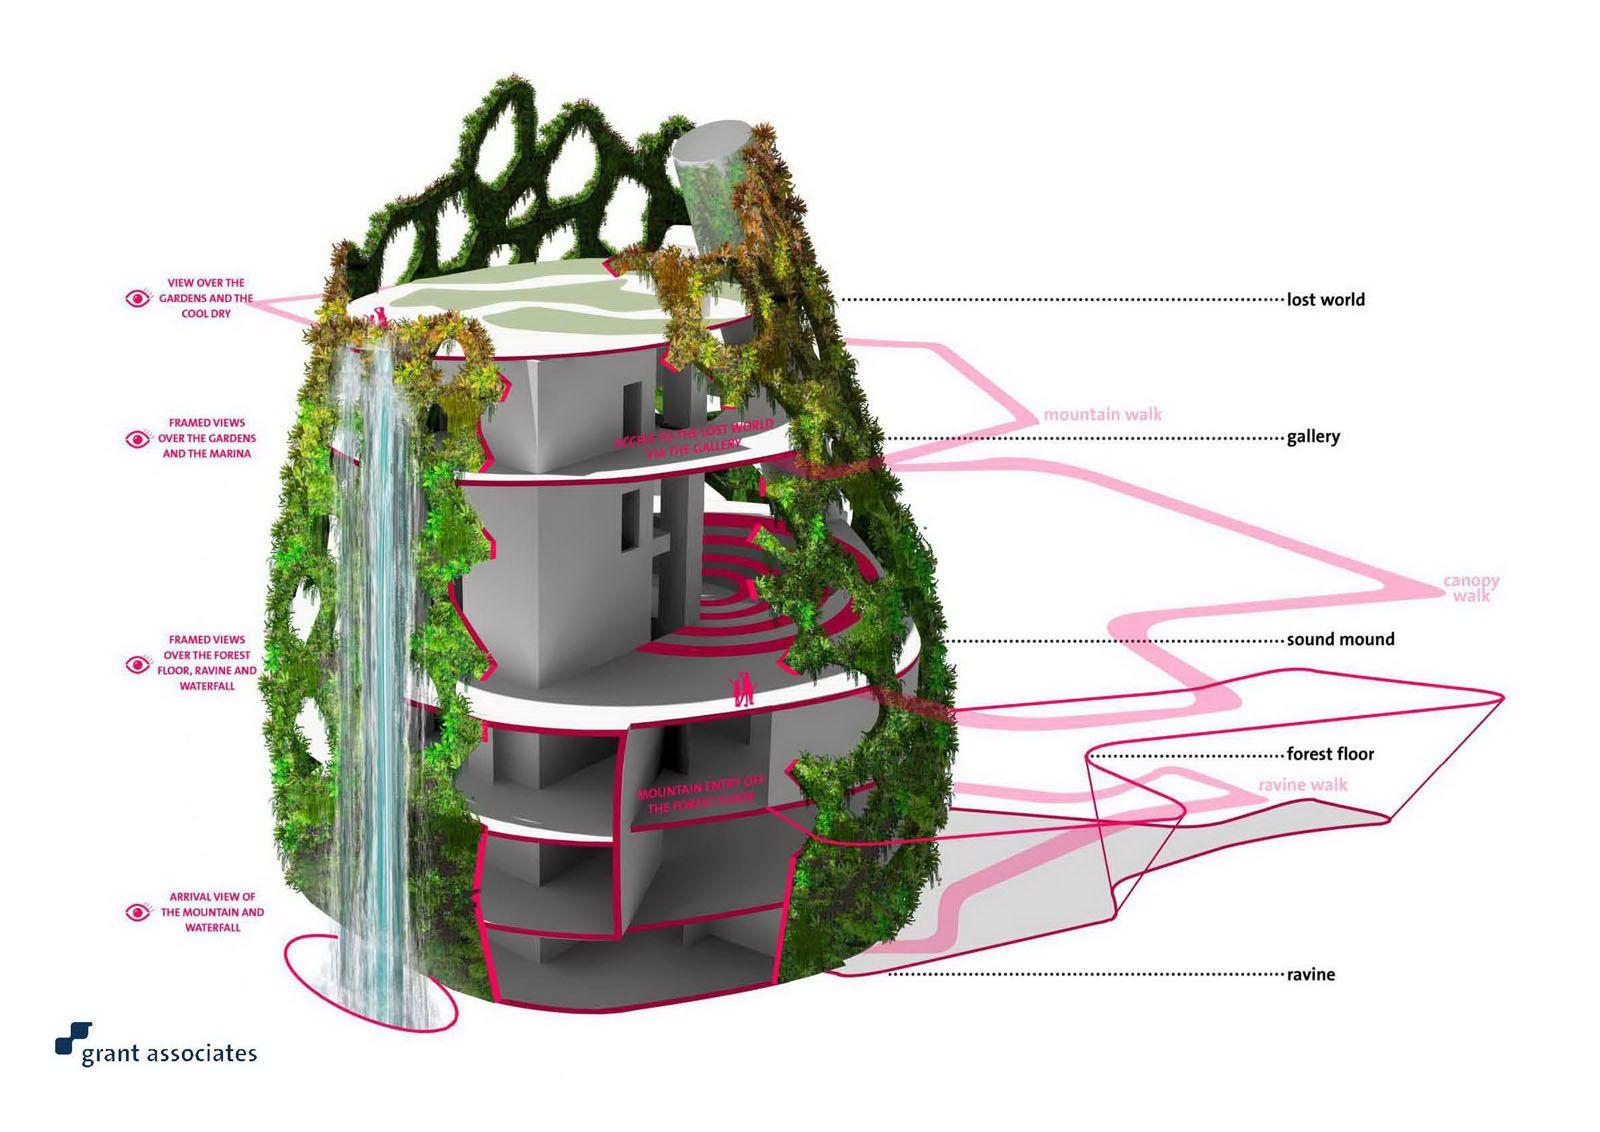 08719f1a5dbe6ae057723276dc3b3f7b - Gardens By The Bay Landscape Architect